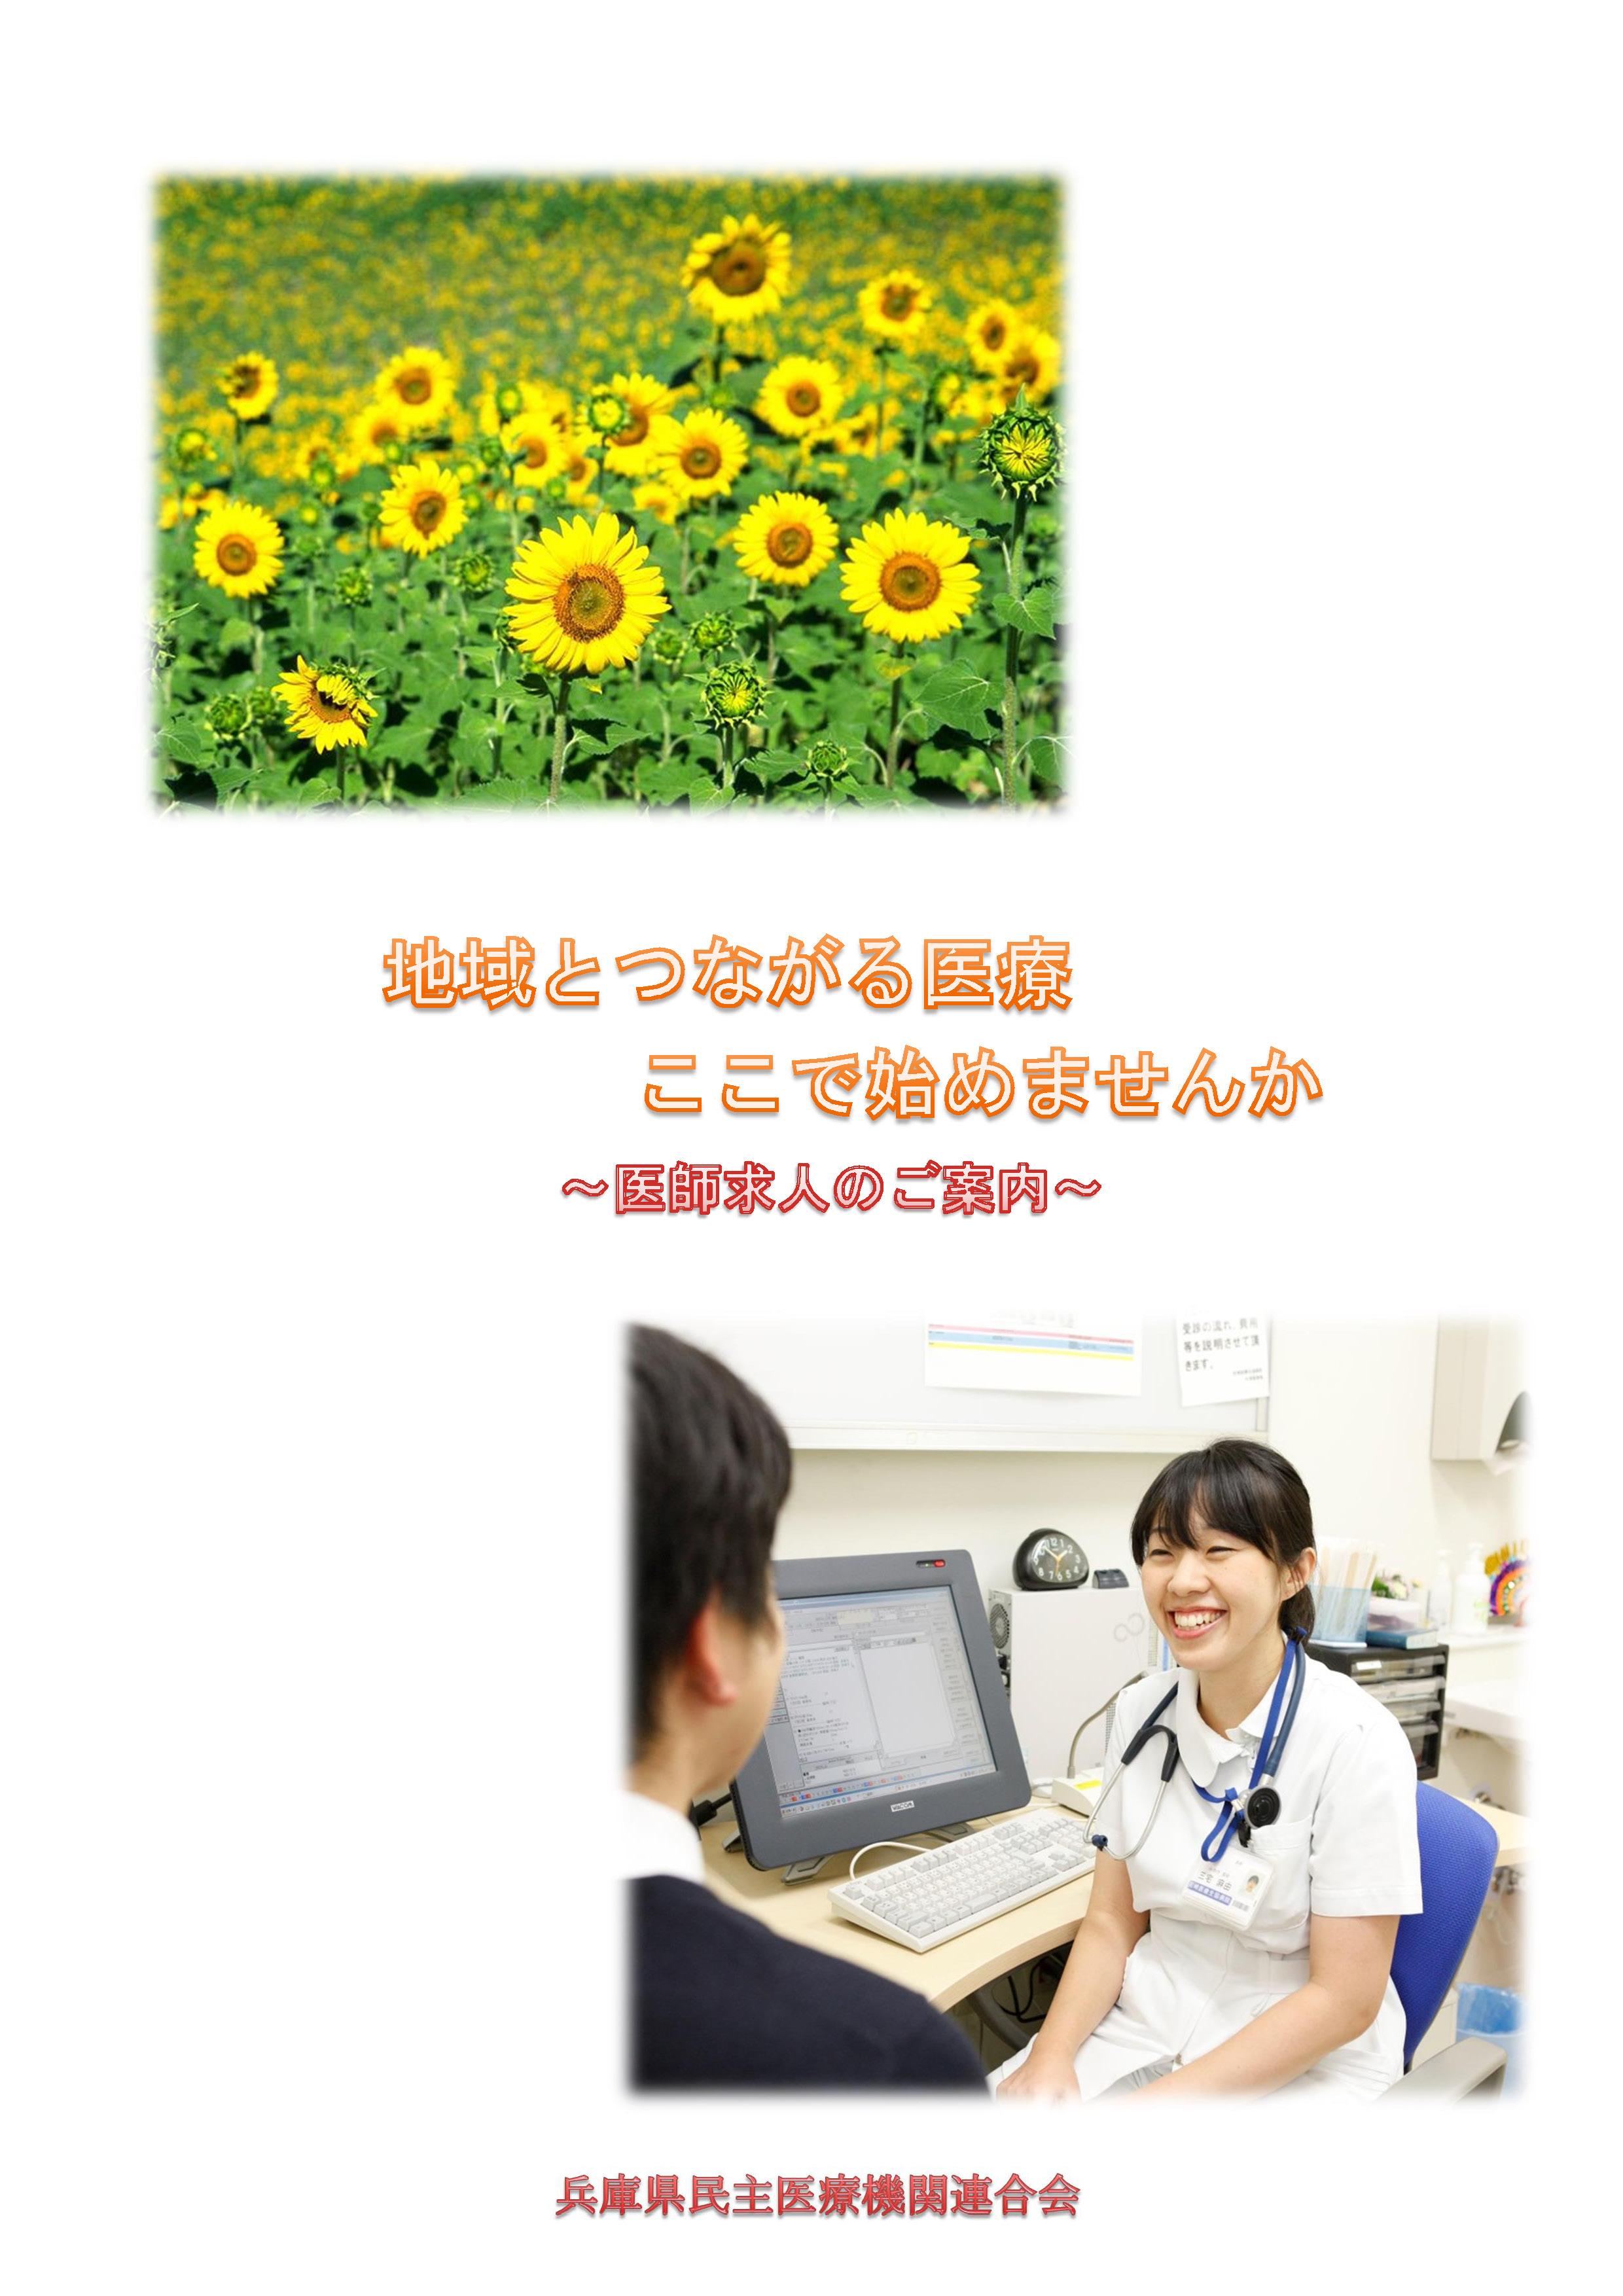 兵庫民医連 女性医師向け支援ガイド